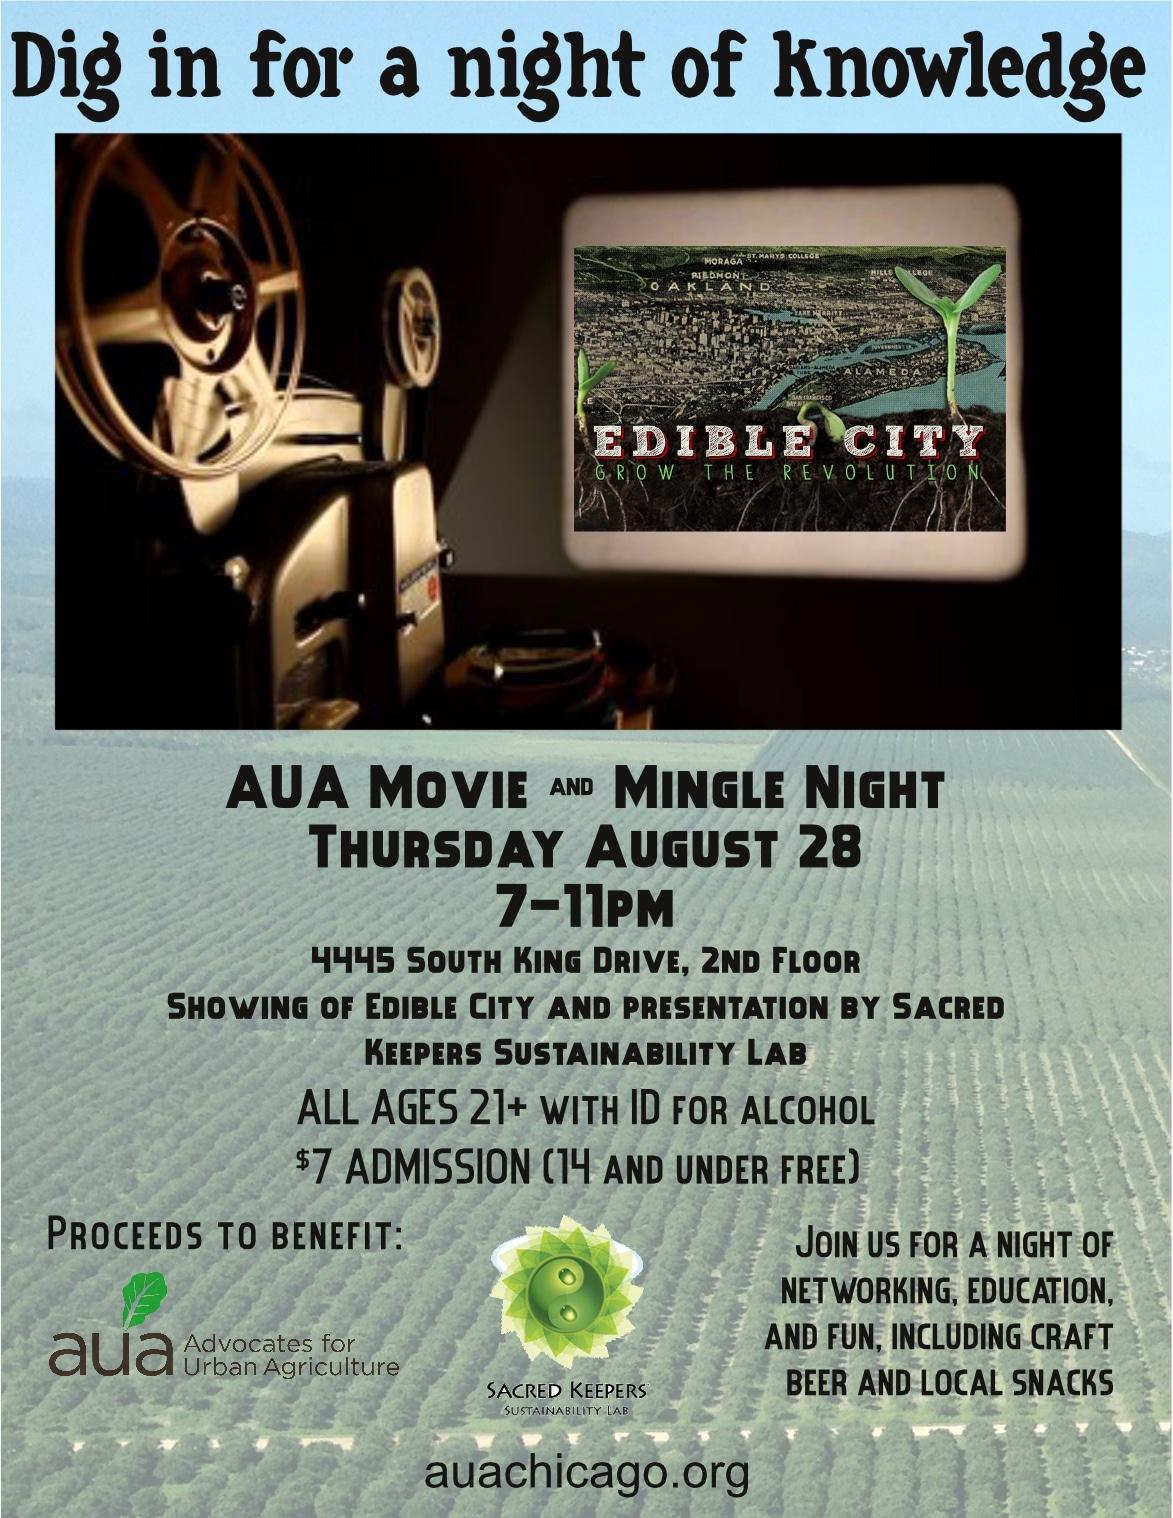 Movie & Mingle Night 8.28